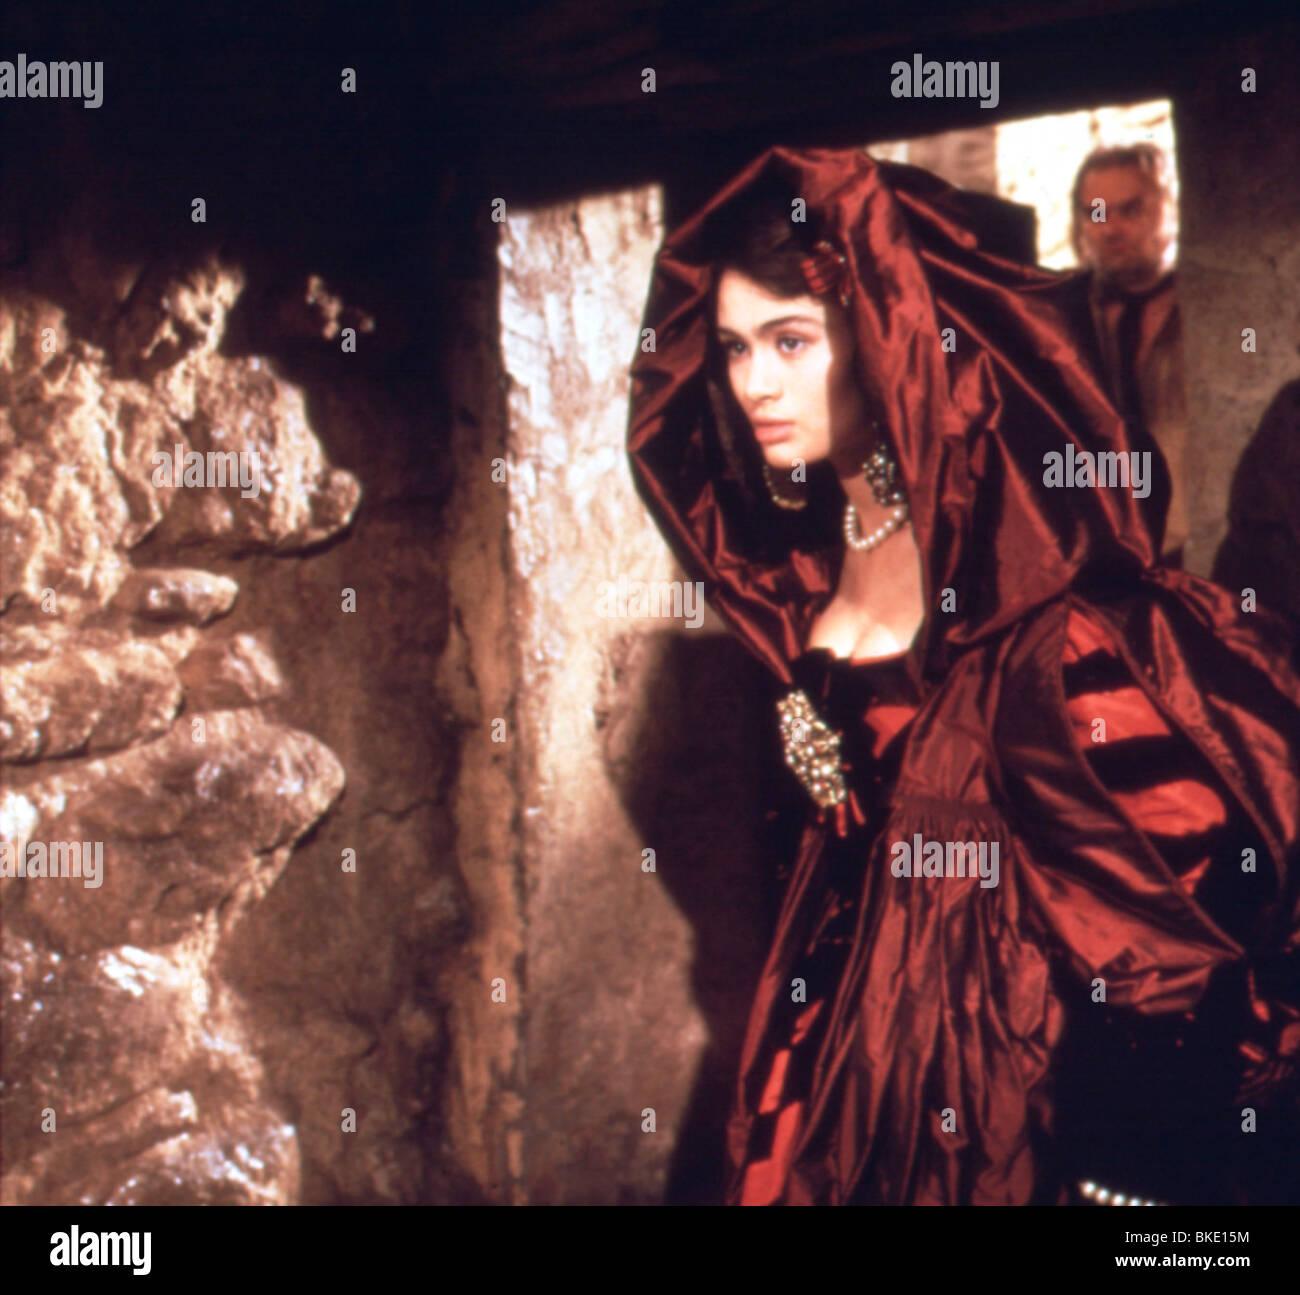 Pirates 1986 Stock Photos & Pirates 1986 Stock Images - Alamy